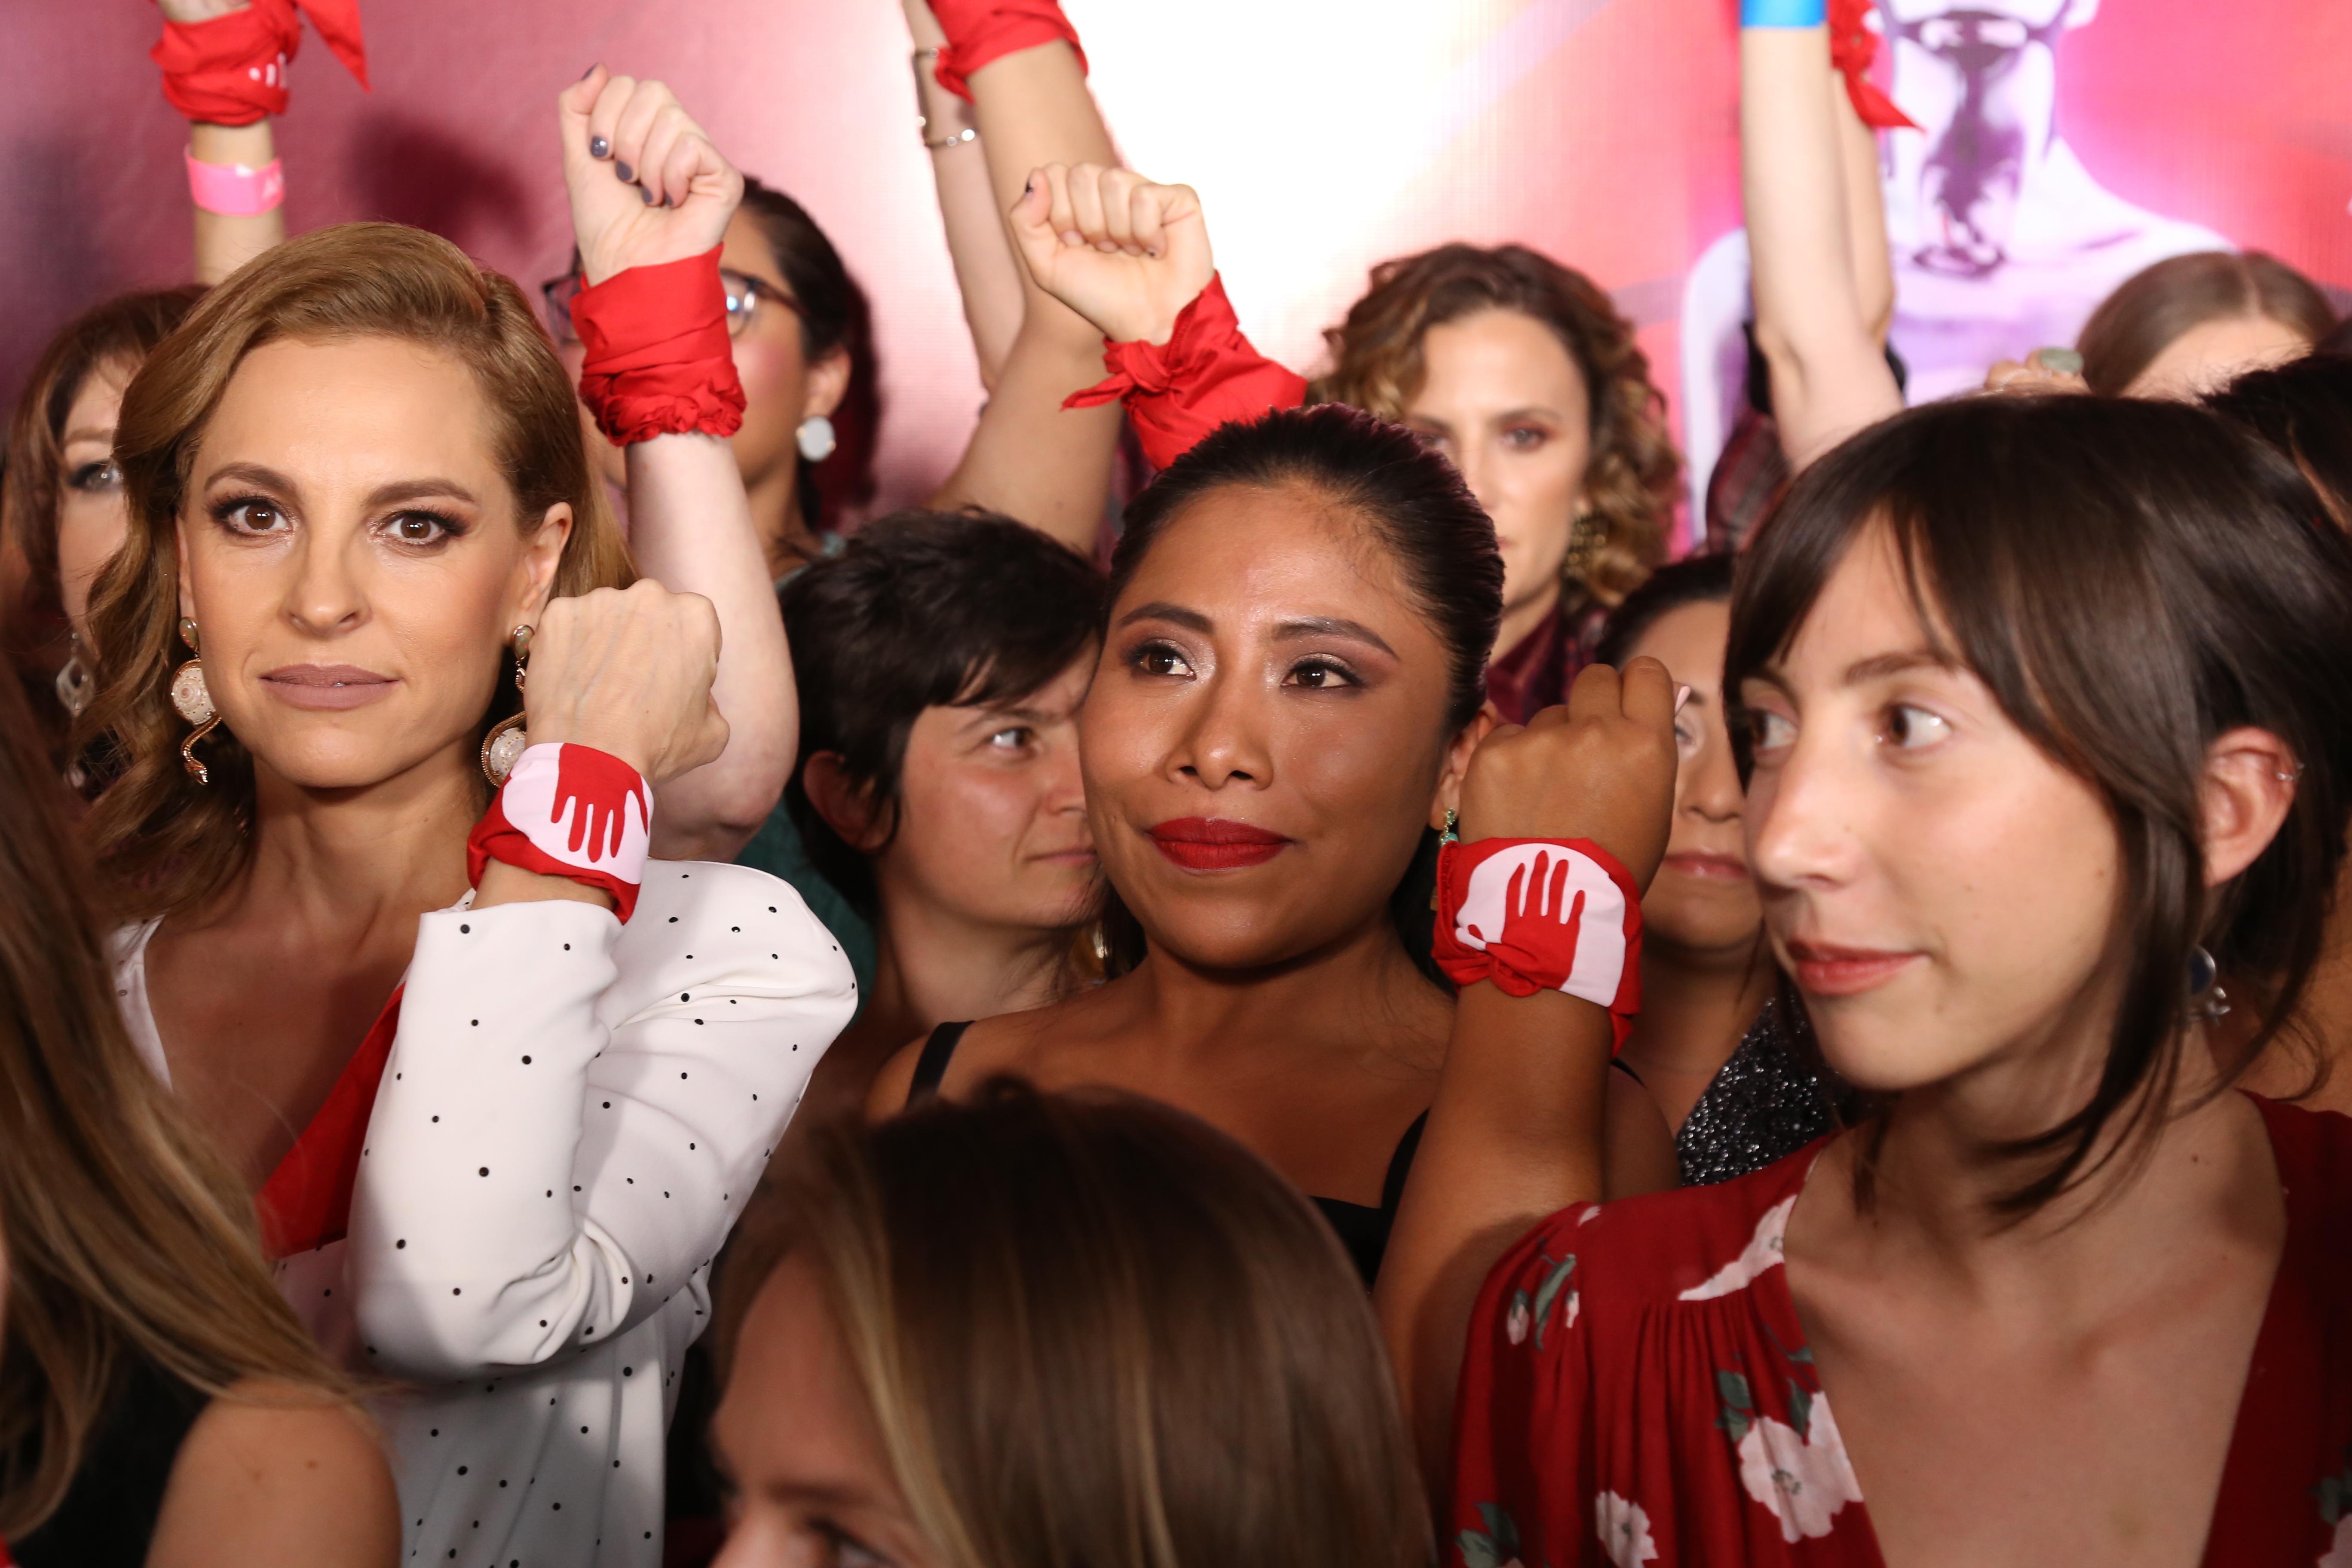 Marina de Tavira y Yalitza Aparicio en el movimiento #YaEsHora(Foto: Juan Vicente Manrique/Infobae)